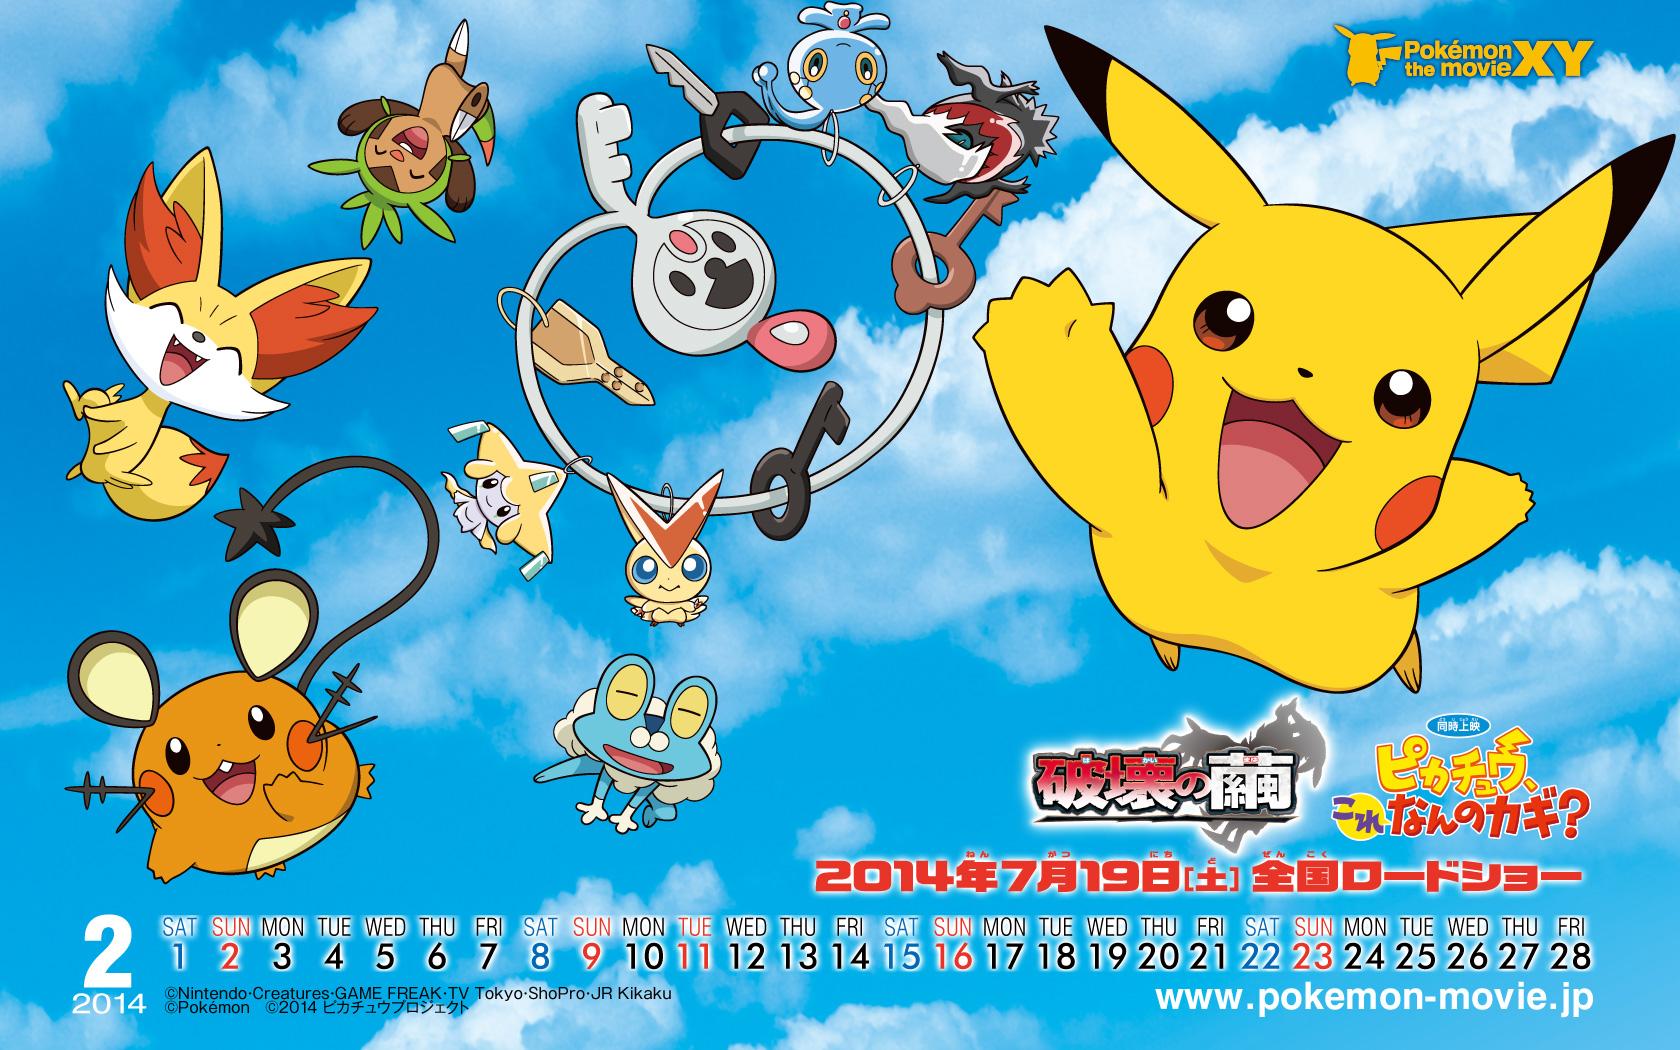 ポケモン カレンダー壁紙 2014年2月 ポケモン映画公式サイト ポケモン